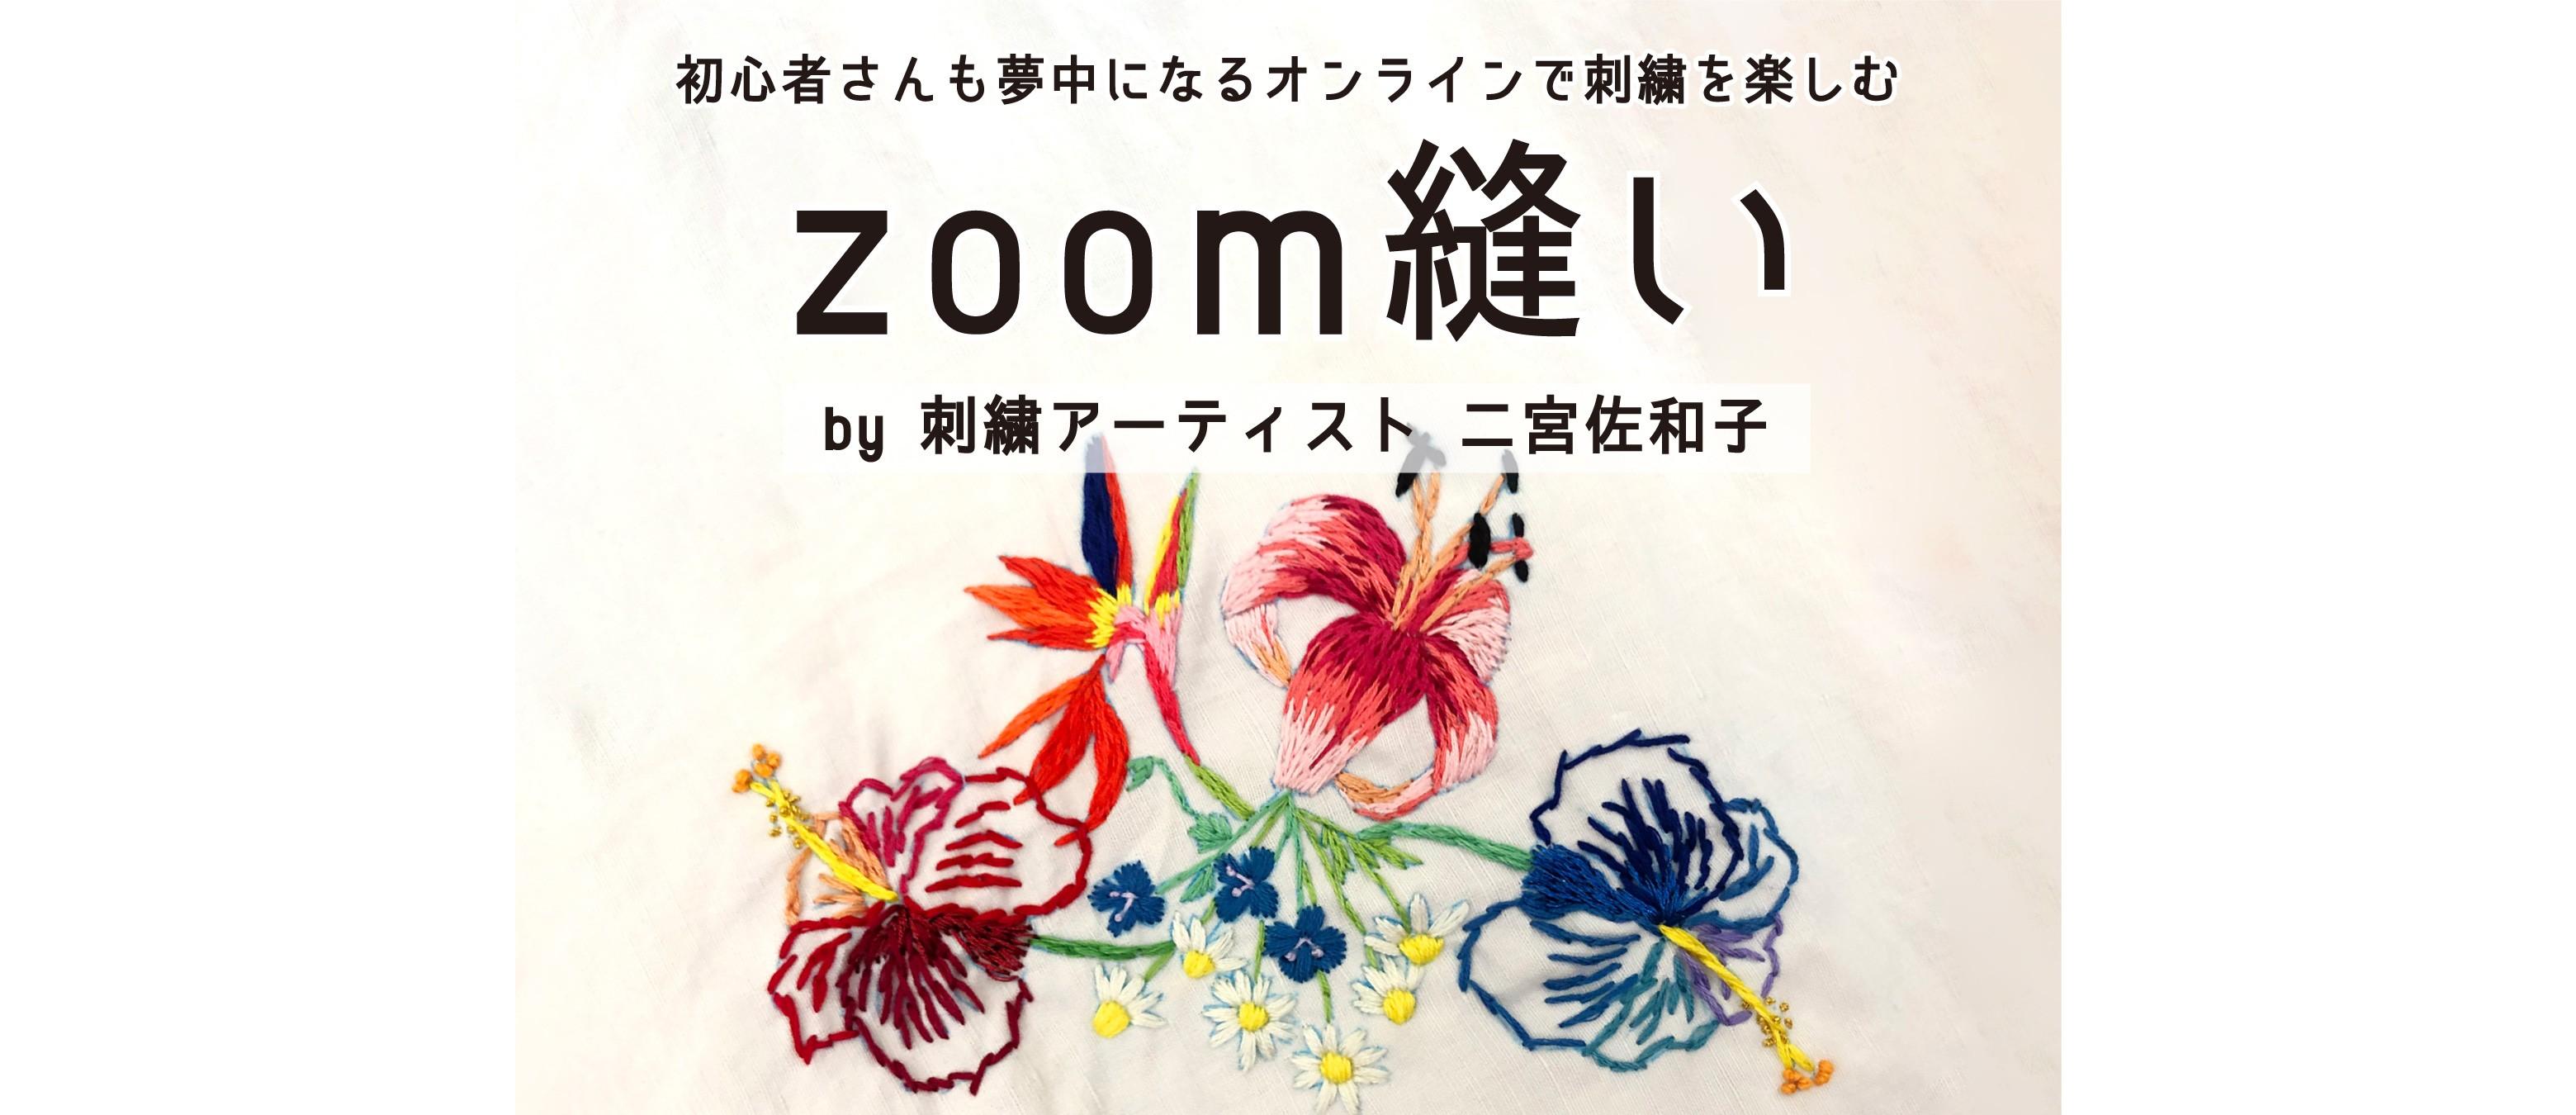 オンラインで刺繍を楽しむ\zoom縫い/ by 刺繍アーティスト二宮佐和子